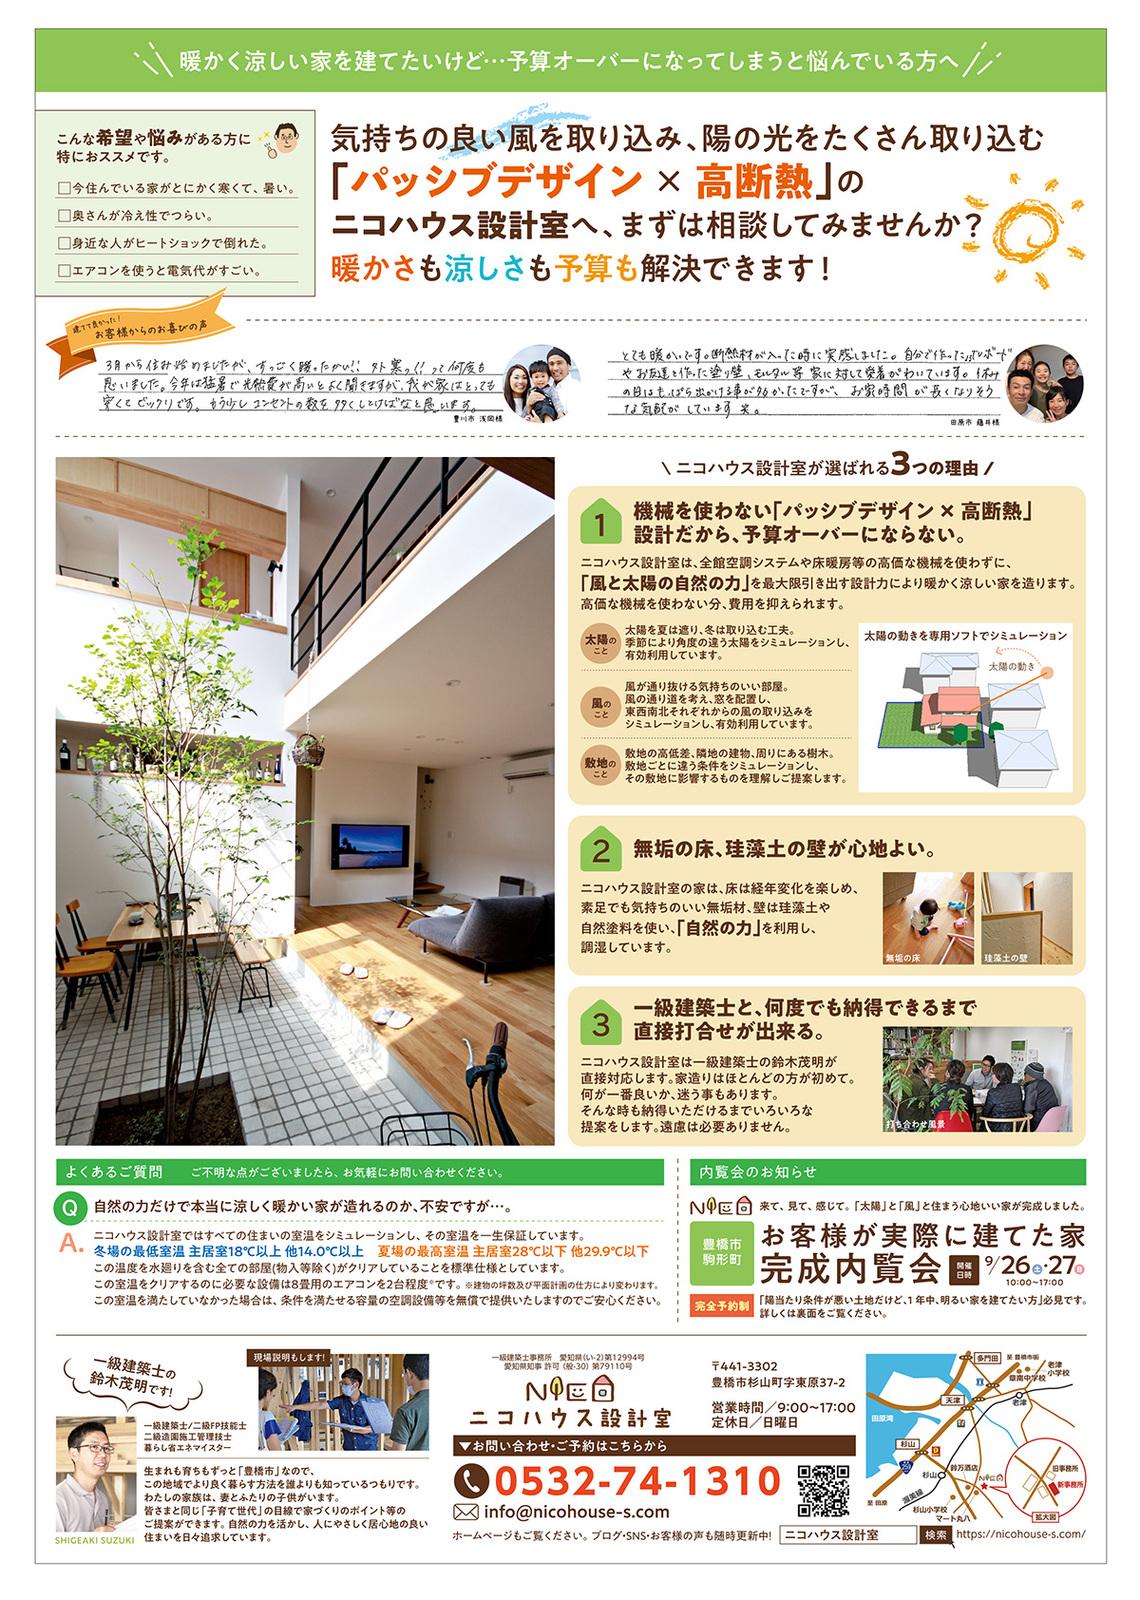 住宅・工務店・リフォーム・不動産業界向け「A4」1枚アンケートから売れる広告作り